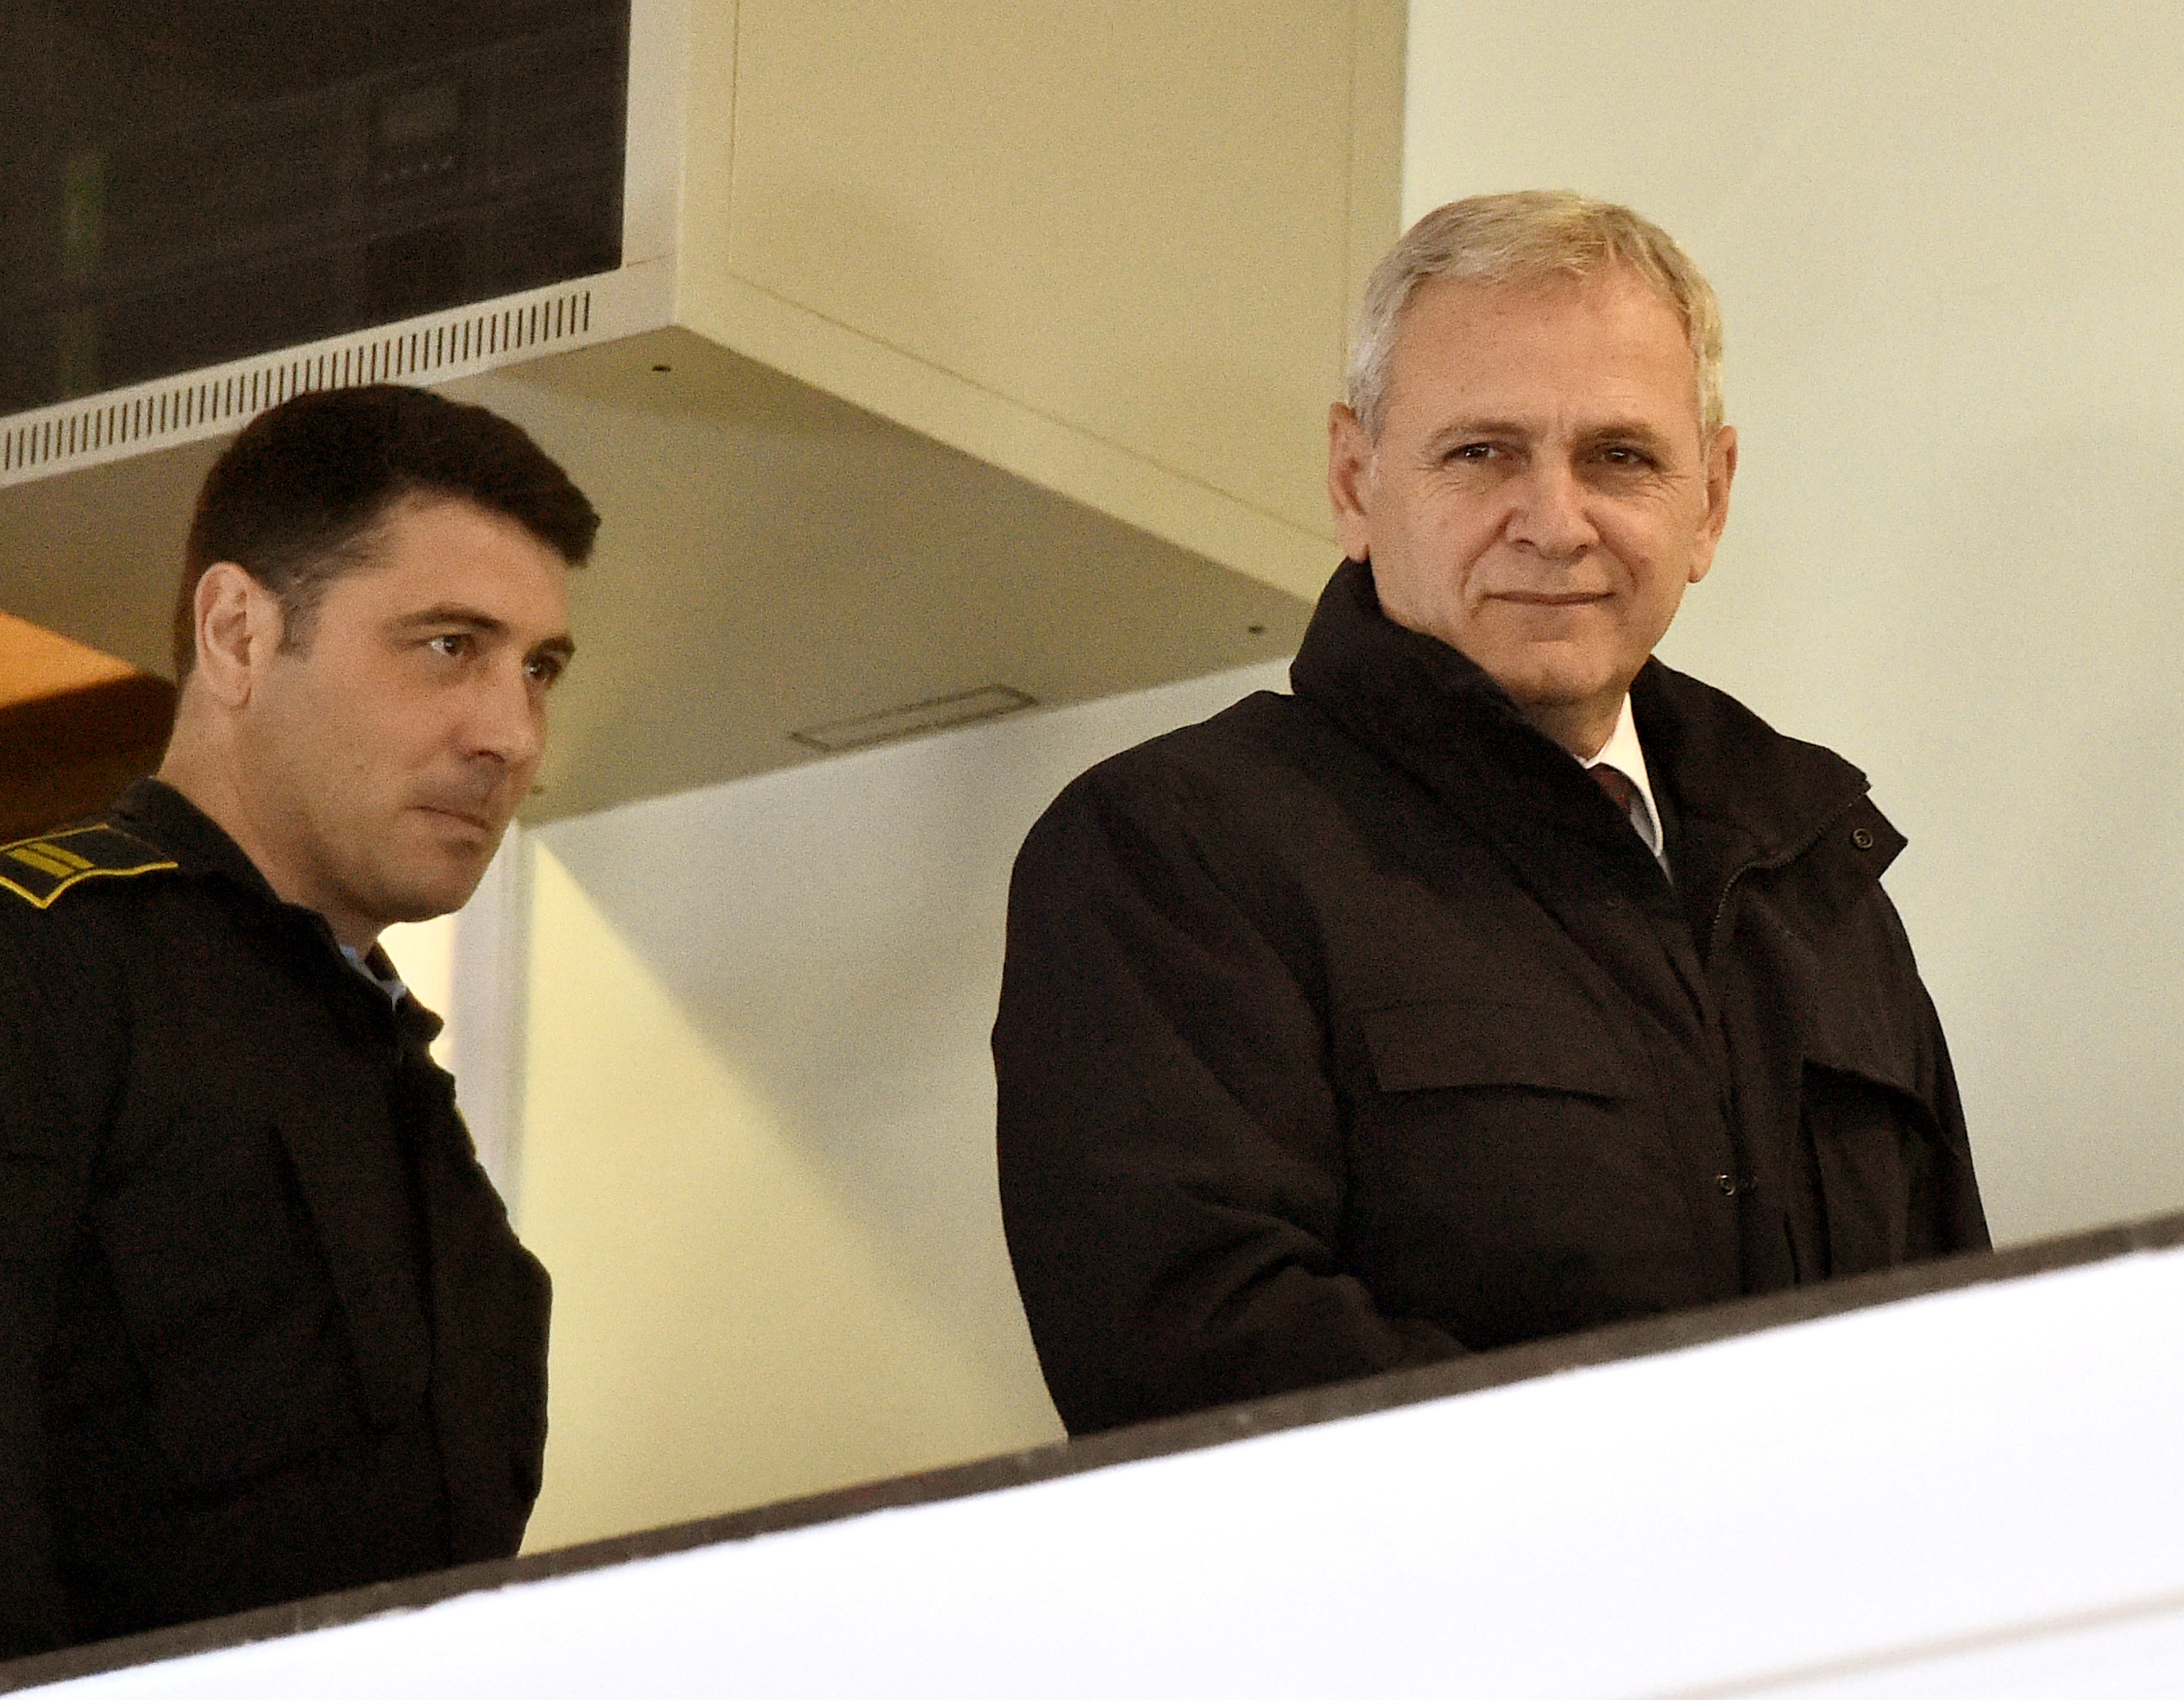 Cererea lui Dragnea de eliberare condiţionată a fost respinsă. Fostul lider PSD spune că nu este un pericol